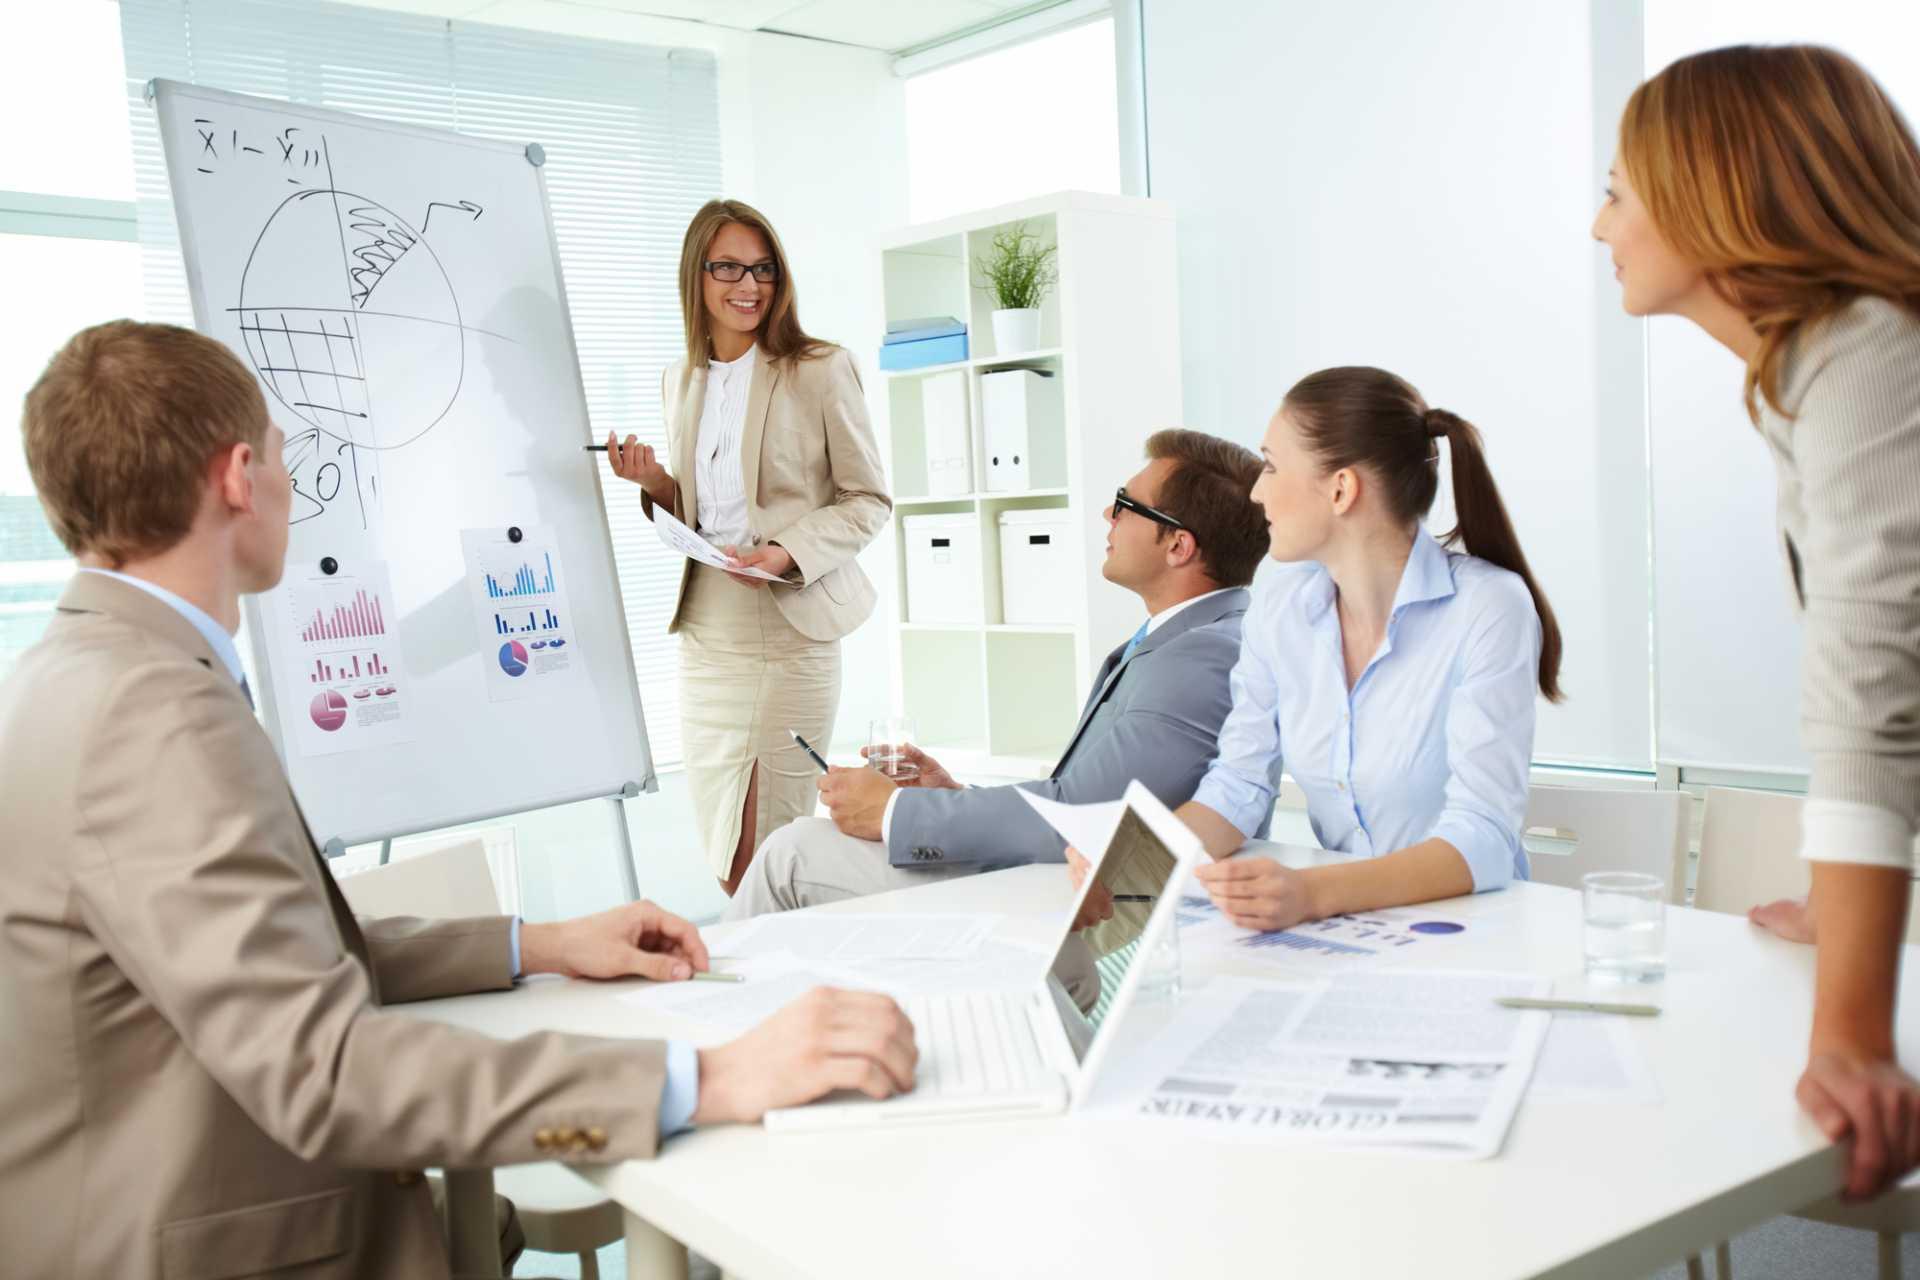 People Management Training Meeting - image courtesy of Depositphotos.